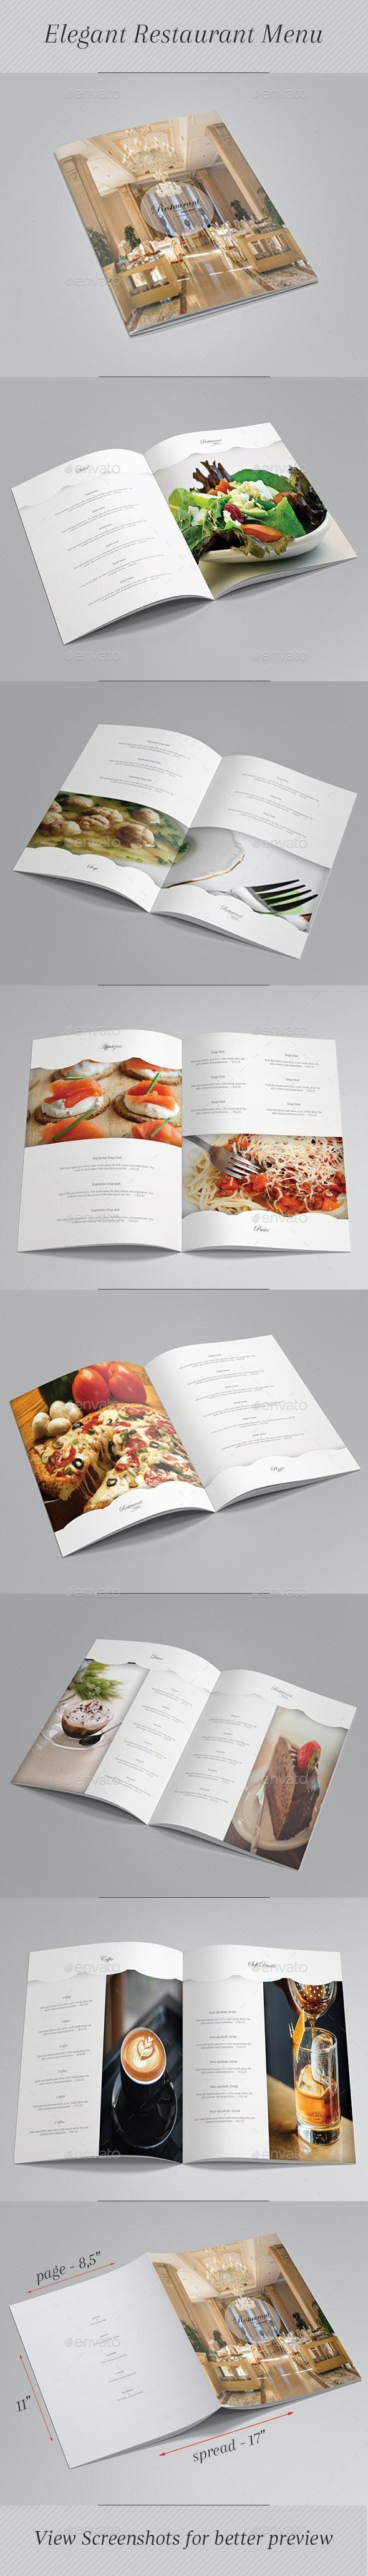 Elegant Restaurant Menu - Food Menus Print Templates